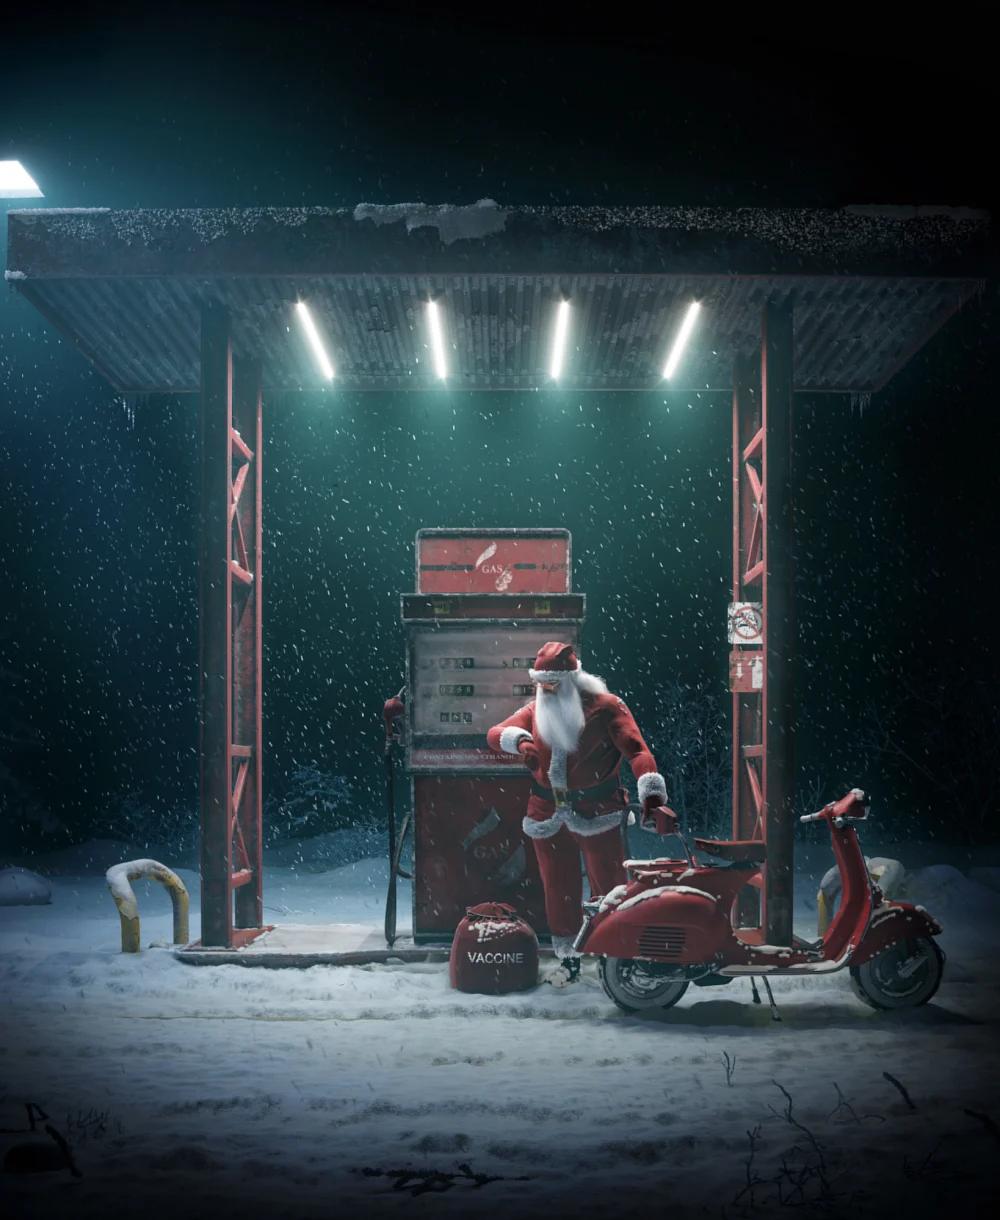 瑞云渲染专访:在ZBrush和Maya中制作卡通风格的重金属圣诞老人